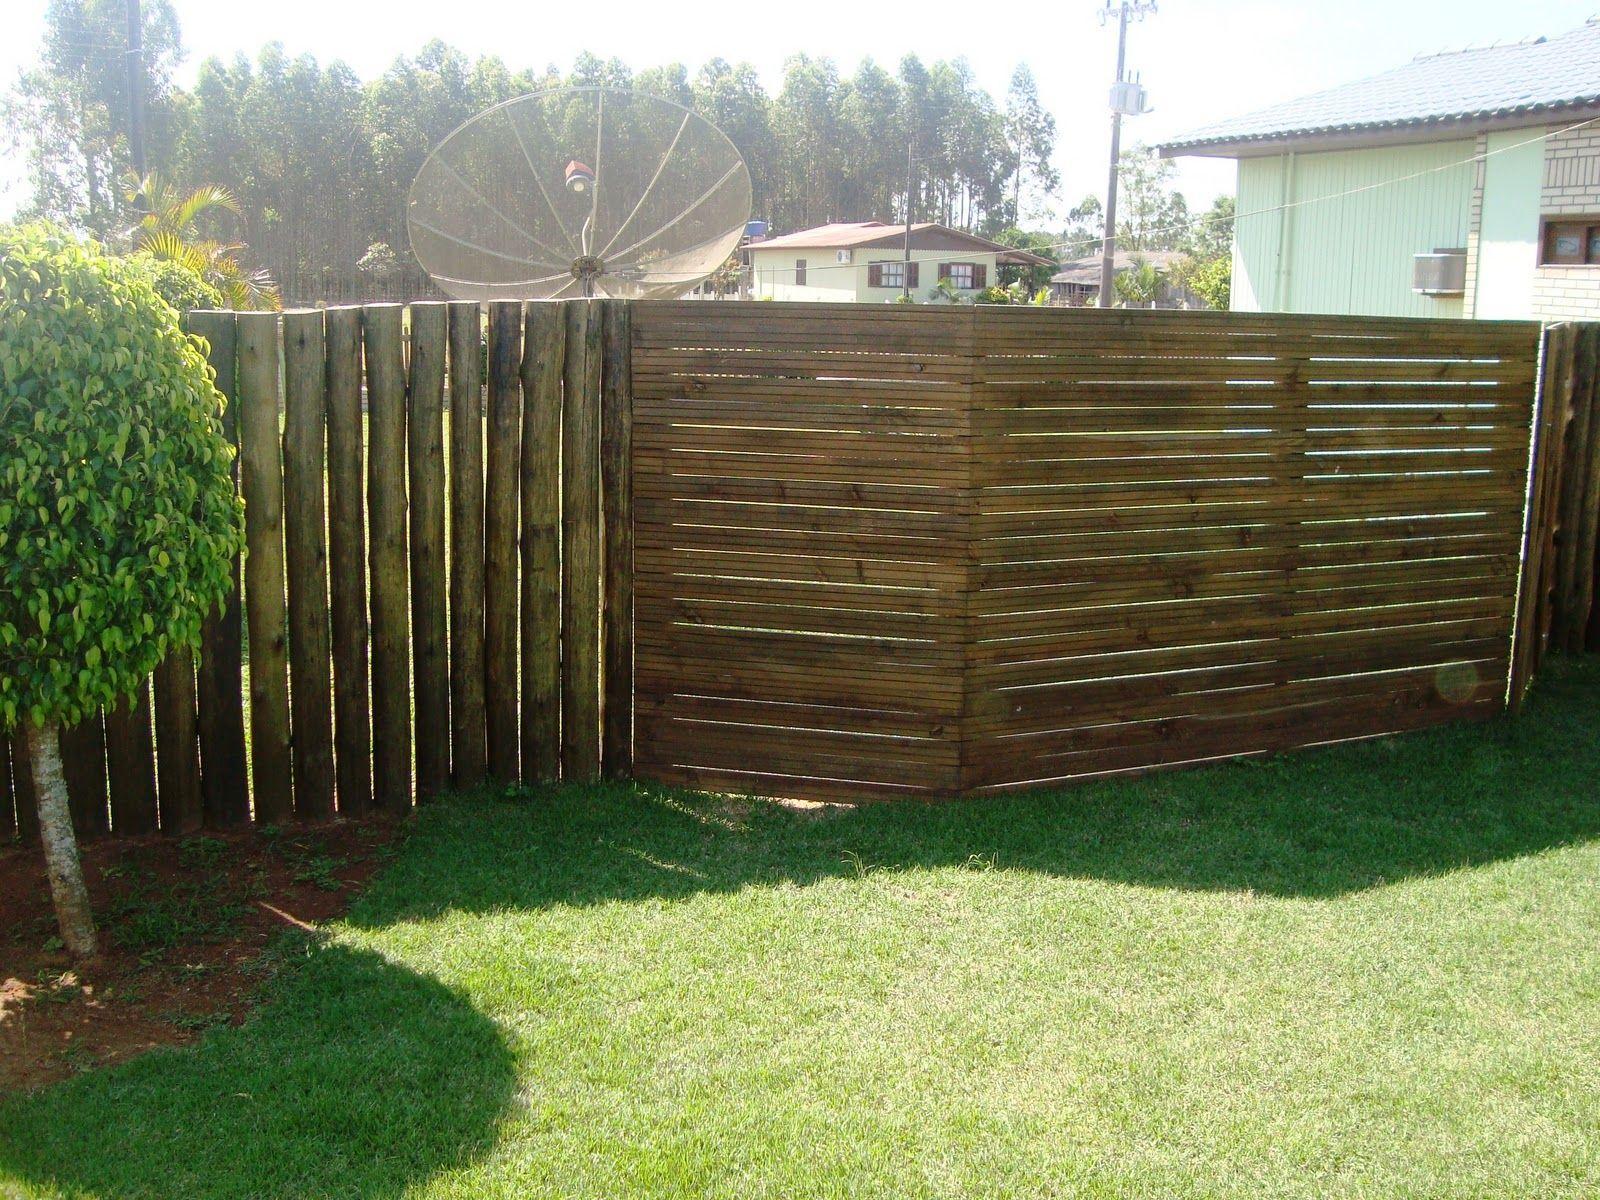 casa da piscina em madeira de eucalipto - Pesquisa Google